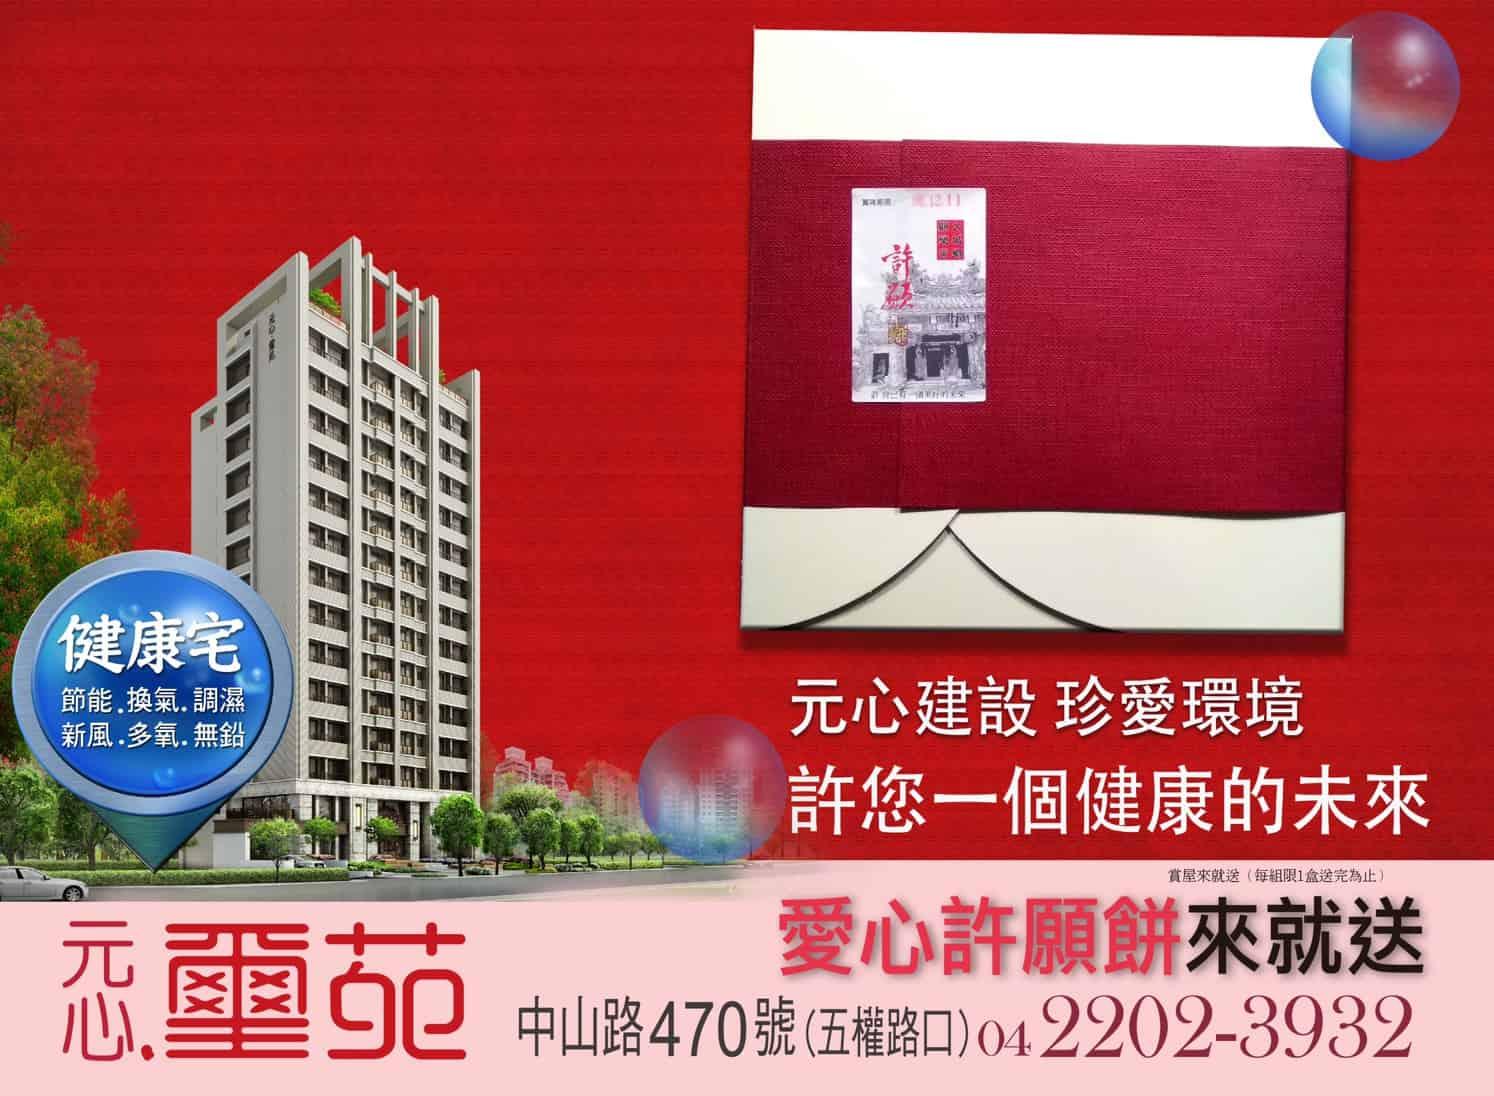 圖片:台中北區新建案推薦  元心建設【元心璽苑】健康宅  為台西村健康的未來 加油